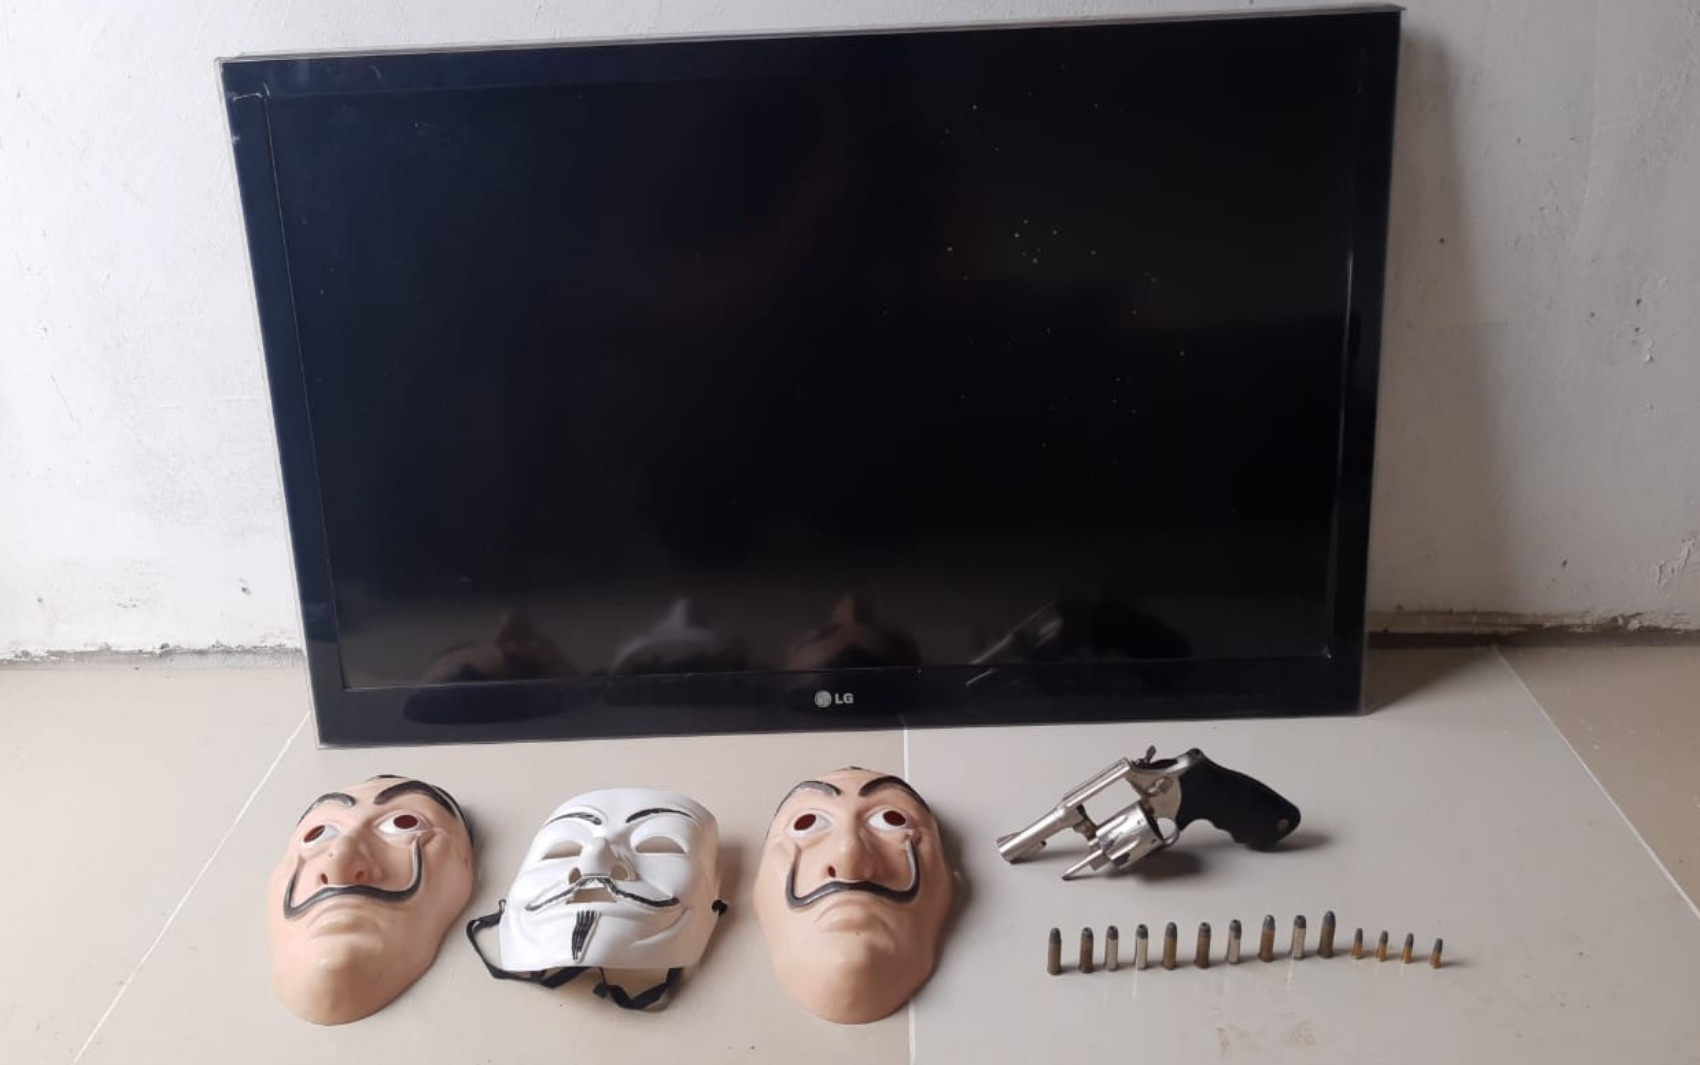 Homem é preso suspeito de usar máscaras de personagens famosos durante roubos, em Anápolis